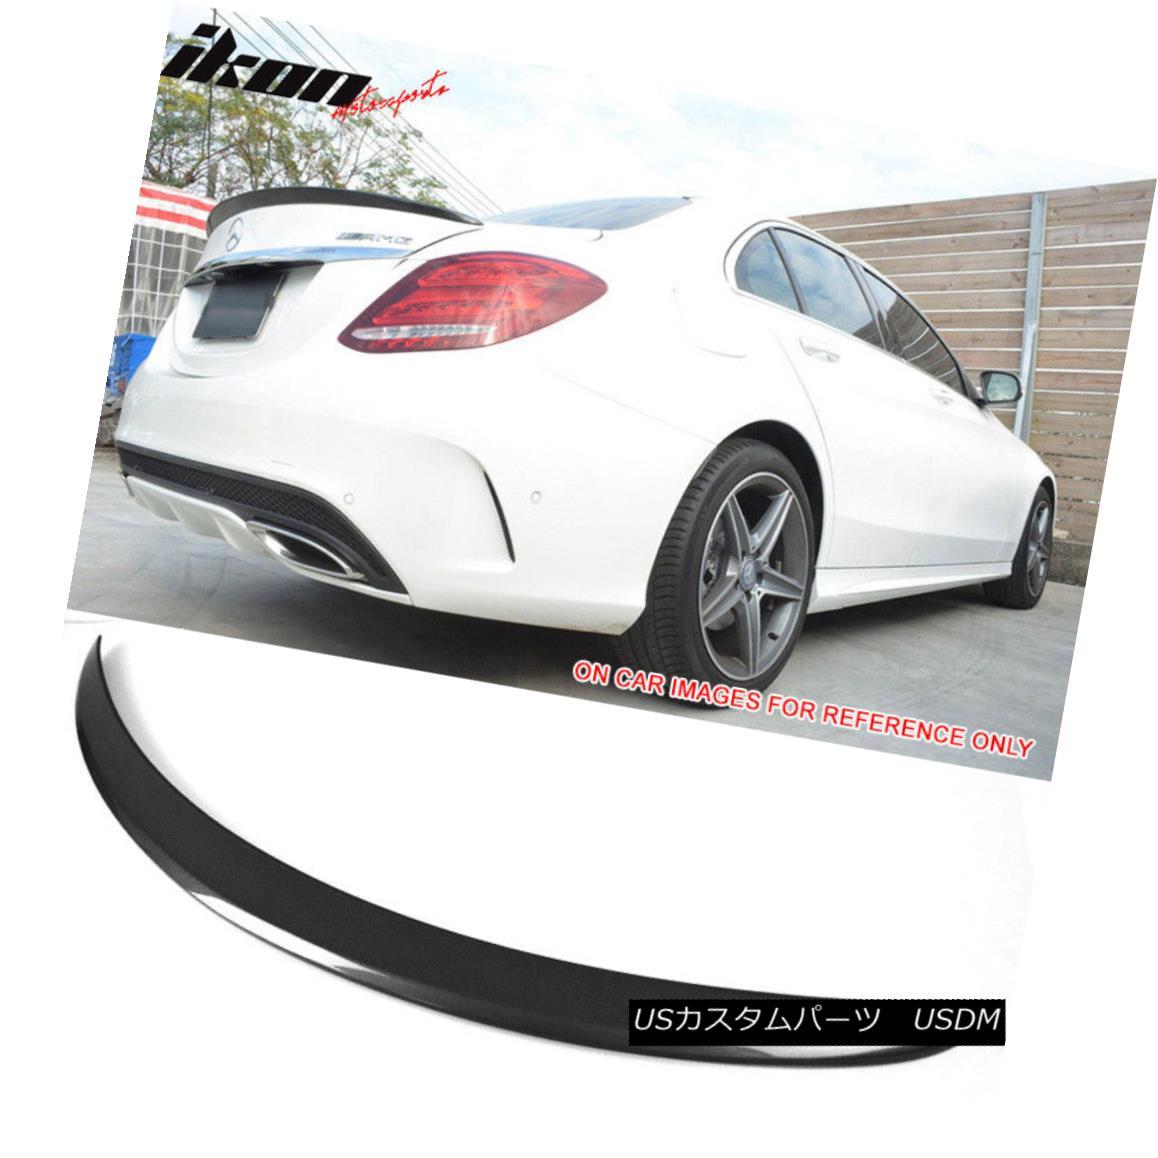 エアロパーツ Fits 15-18 W205 Sedan AMG Trunk Spoiler Painted #755 Steel Gray Metallic フィット15-18 W205セダンAMGトランクスポイラー塗装#755スチールグレーメタリック